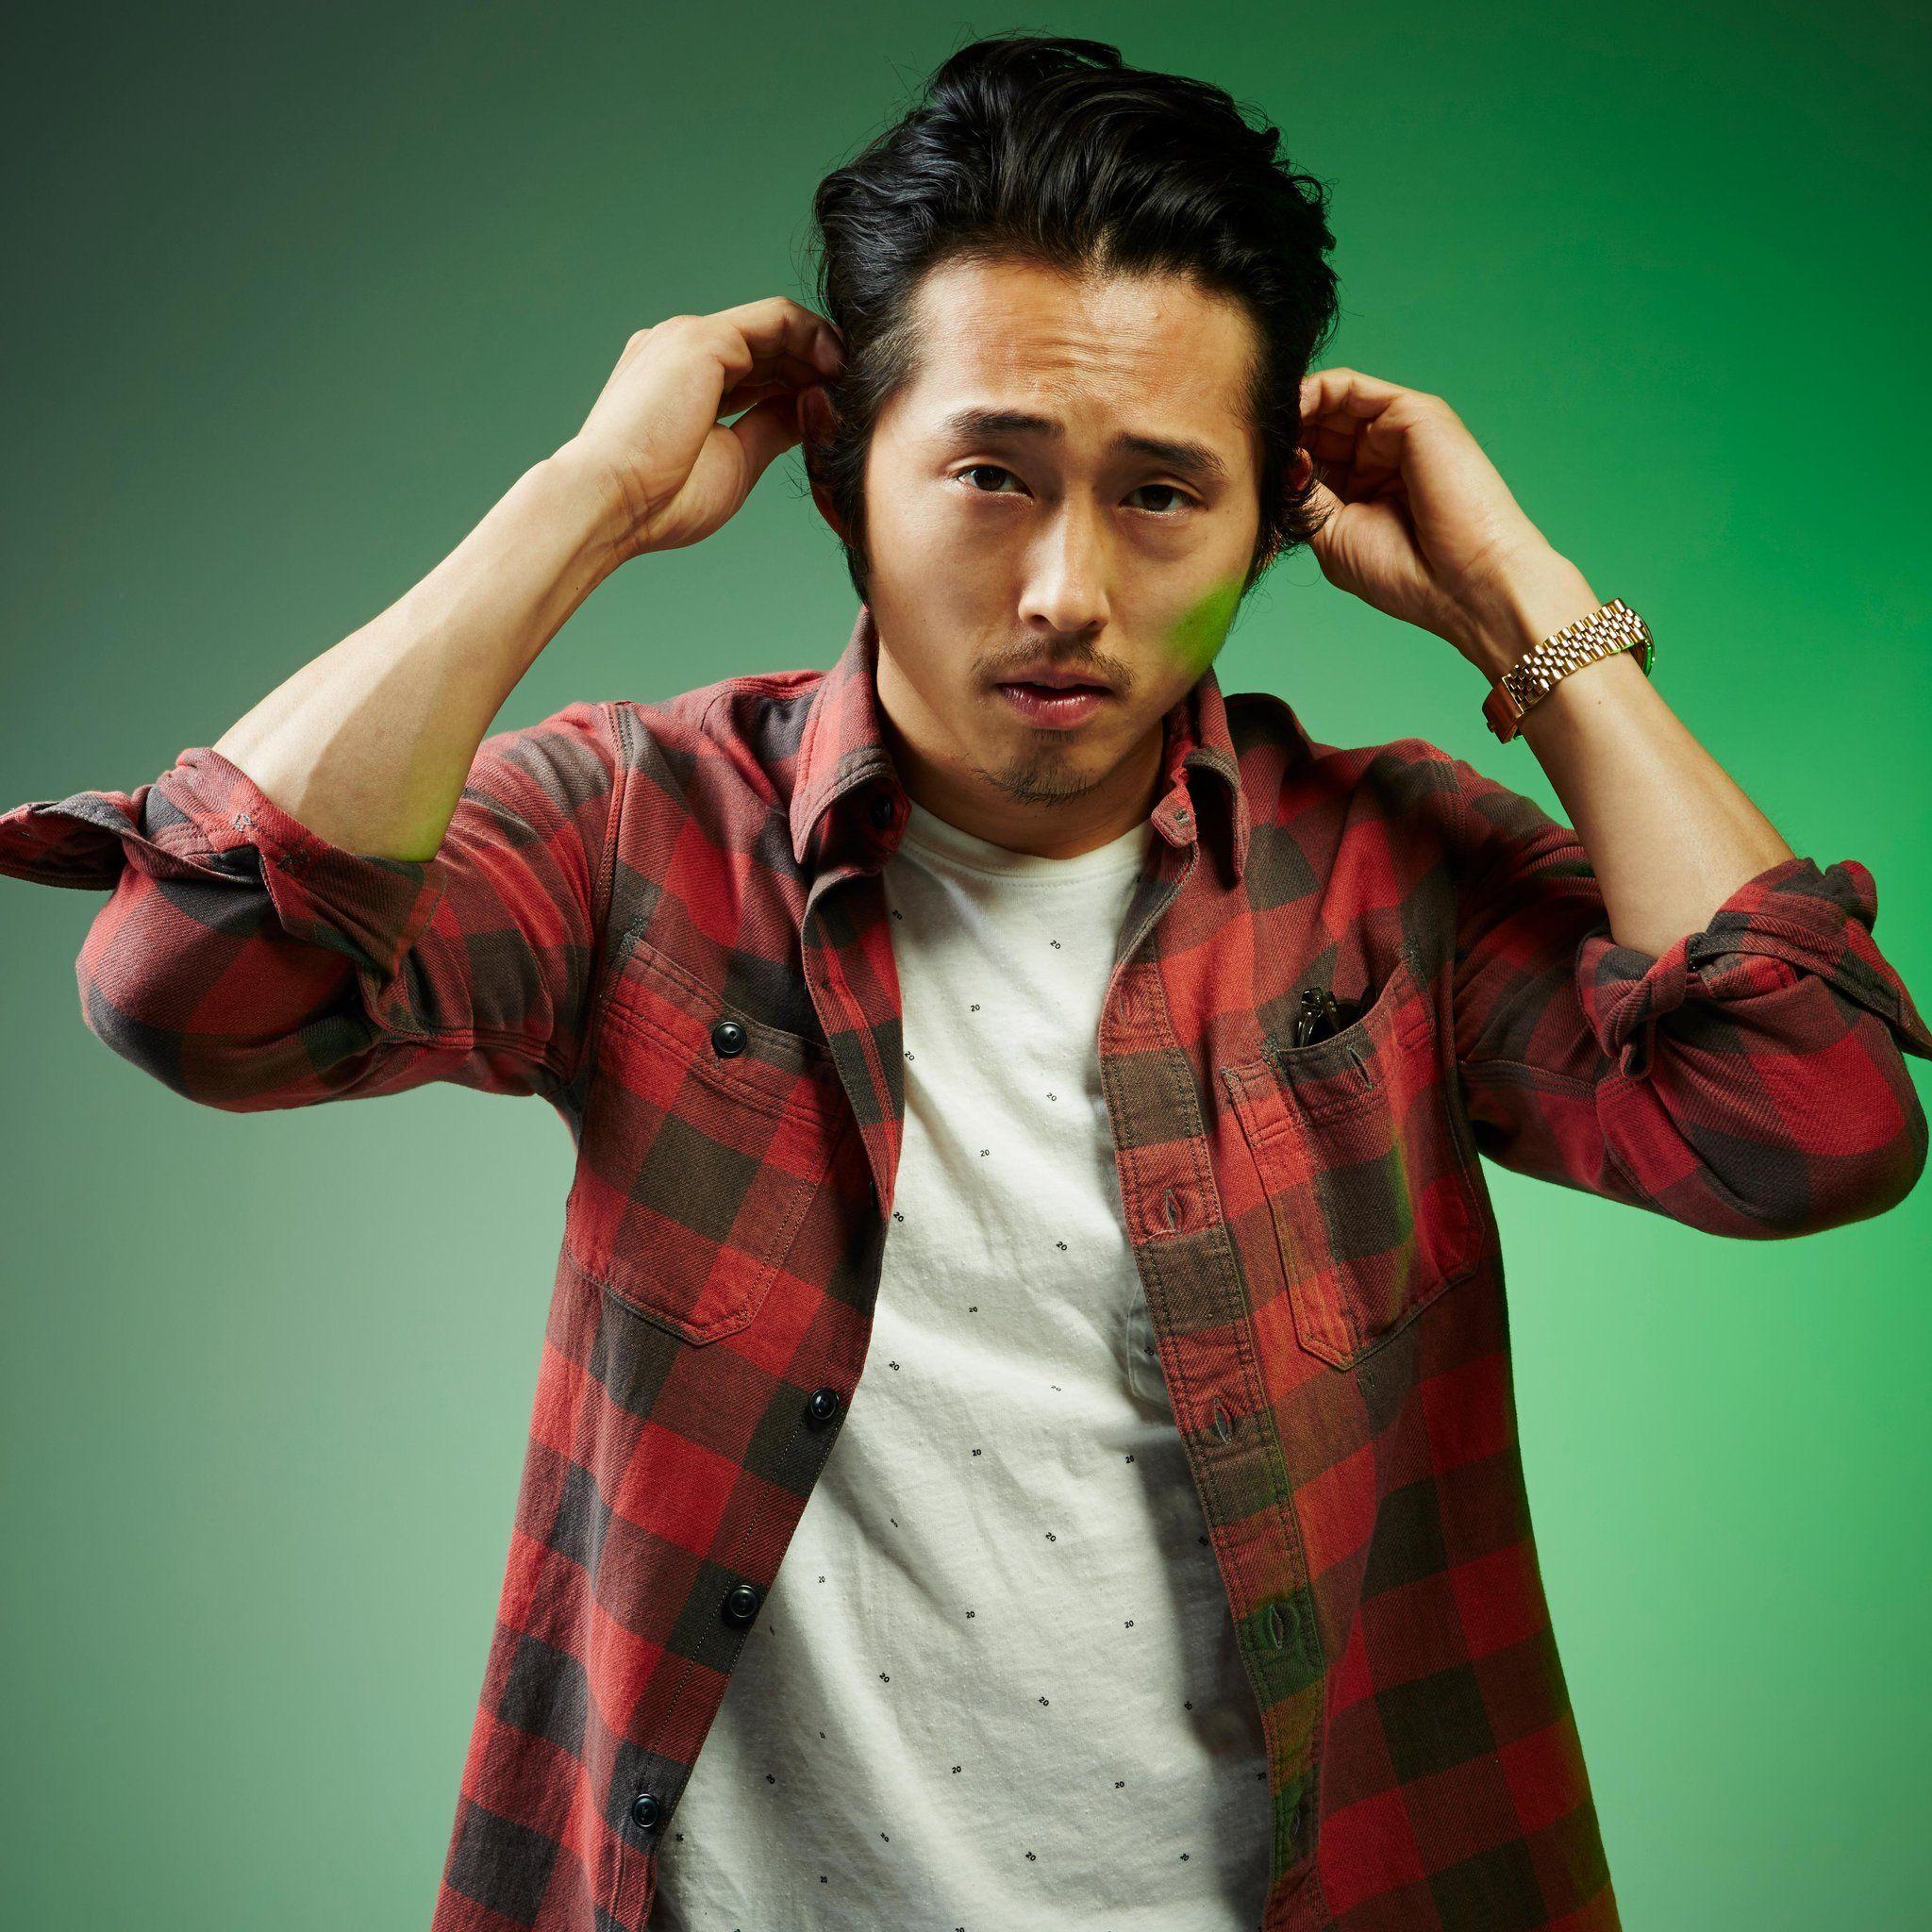 Steven Yeun - This is Steven Yeun again.